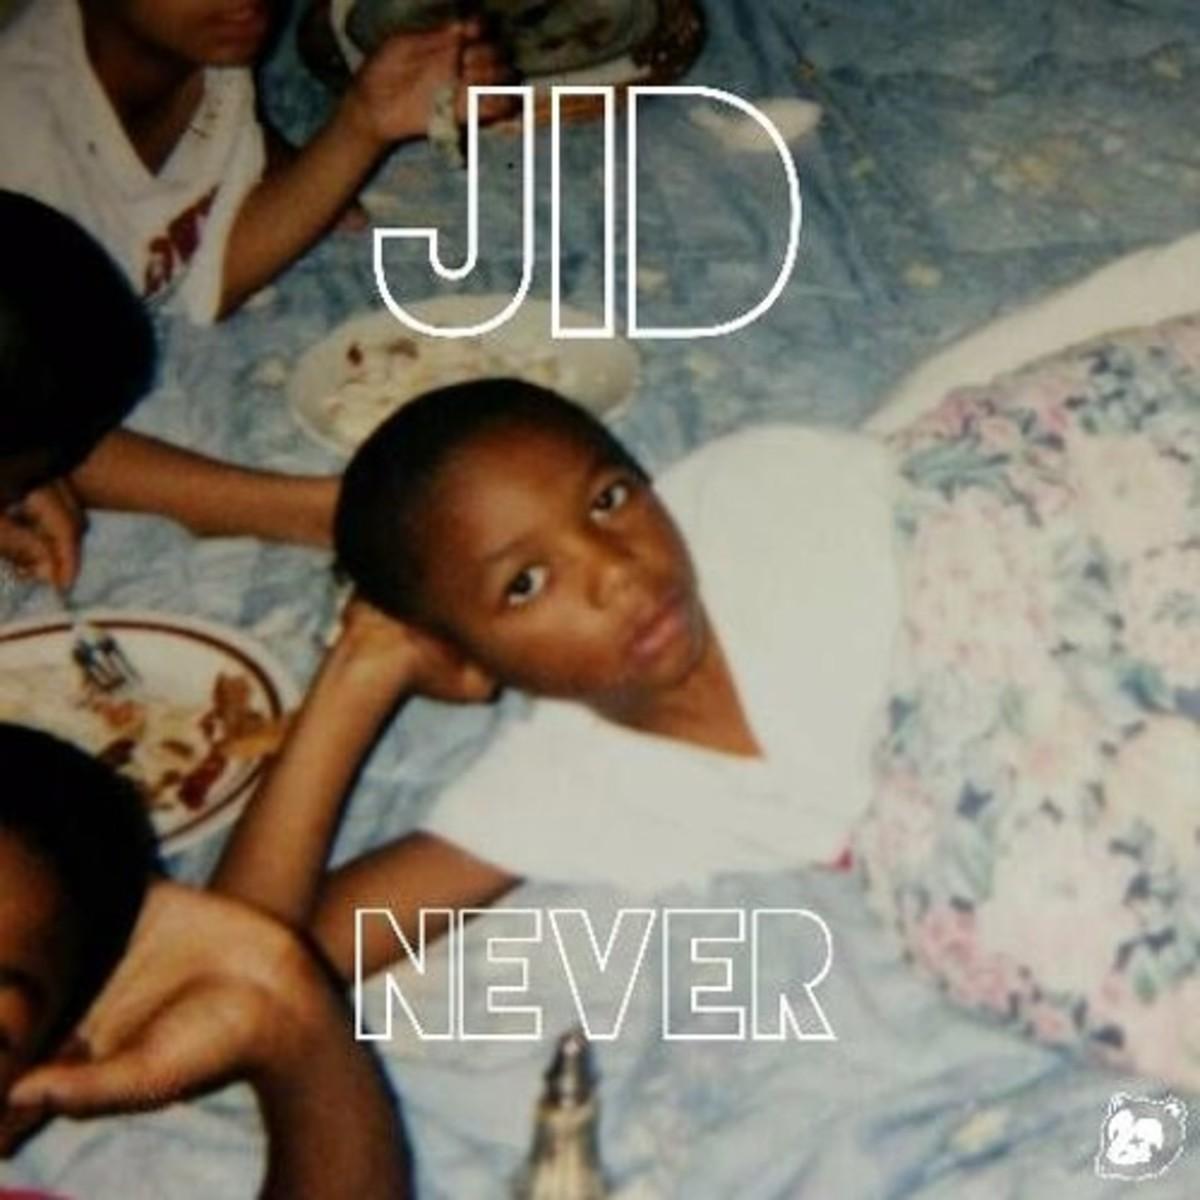 jid-never.jpg